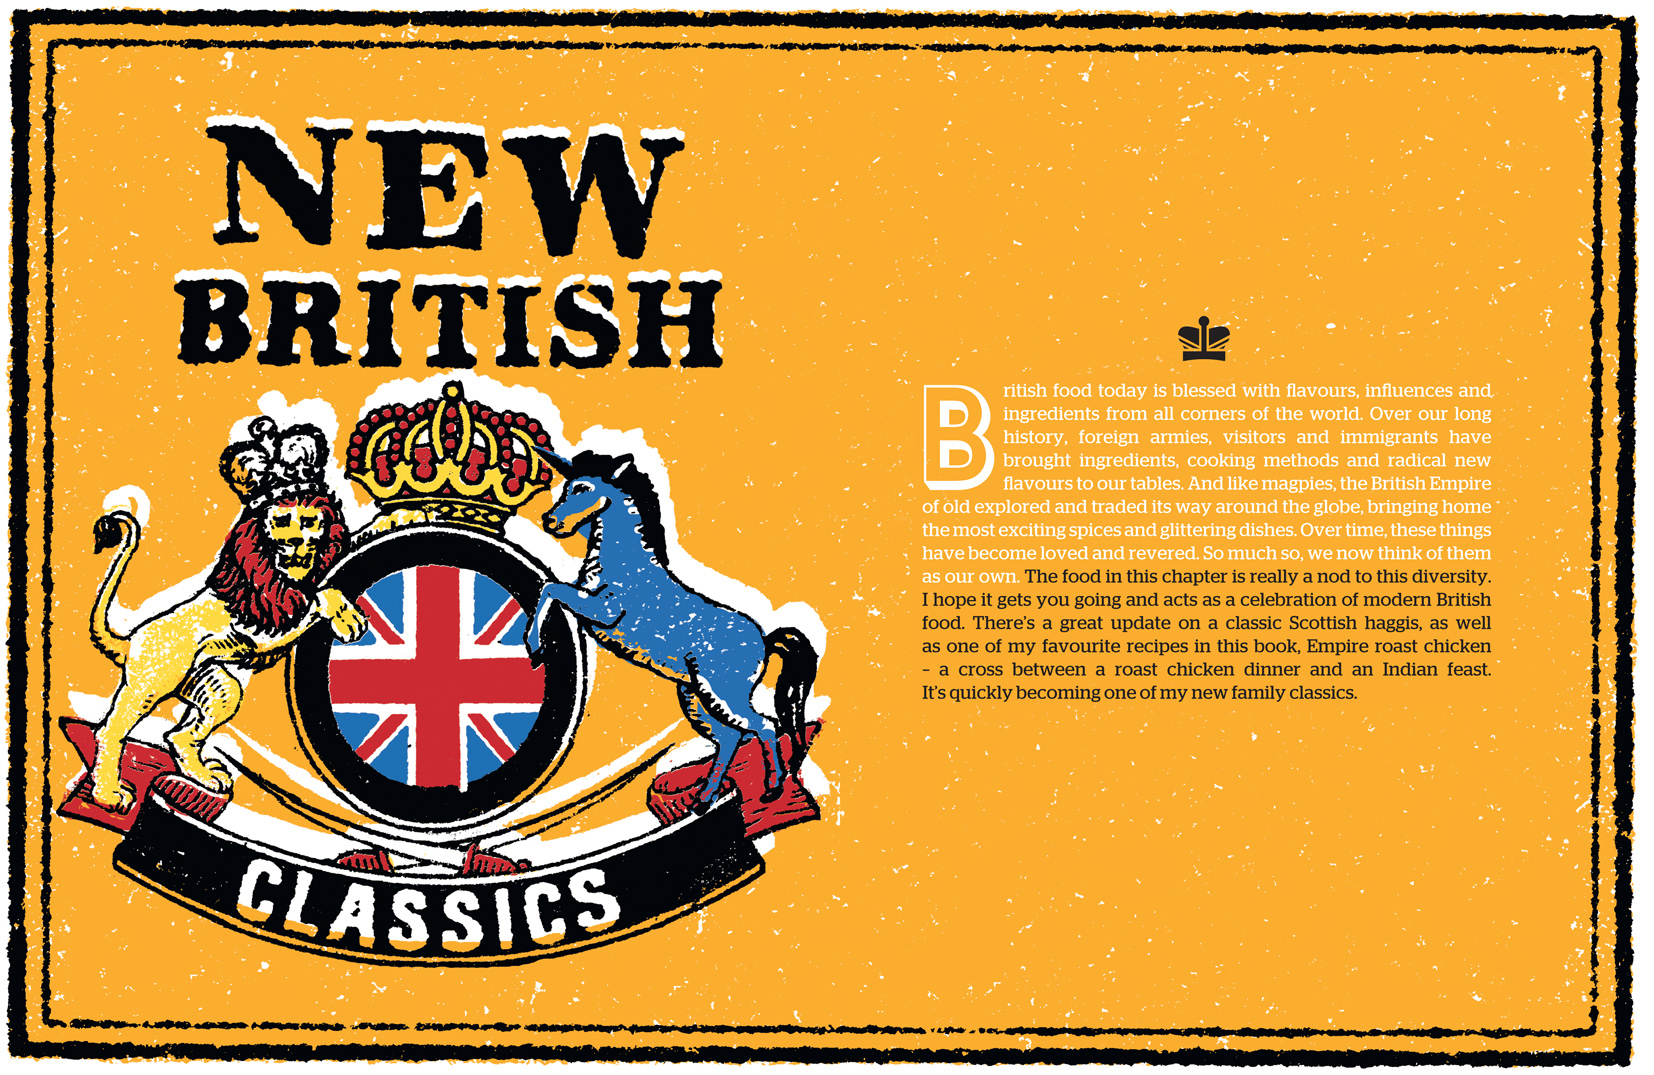 Jamie Oliver's New British Classics